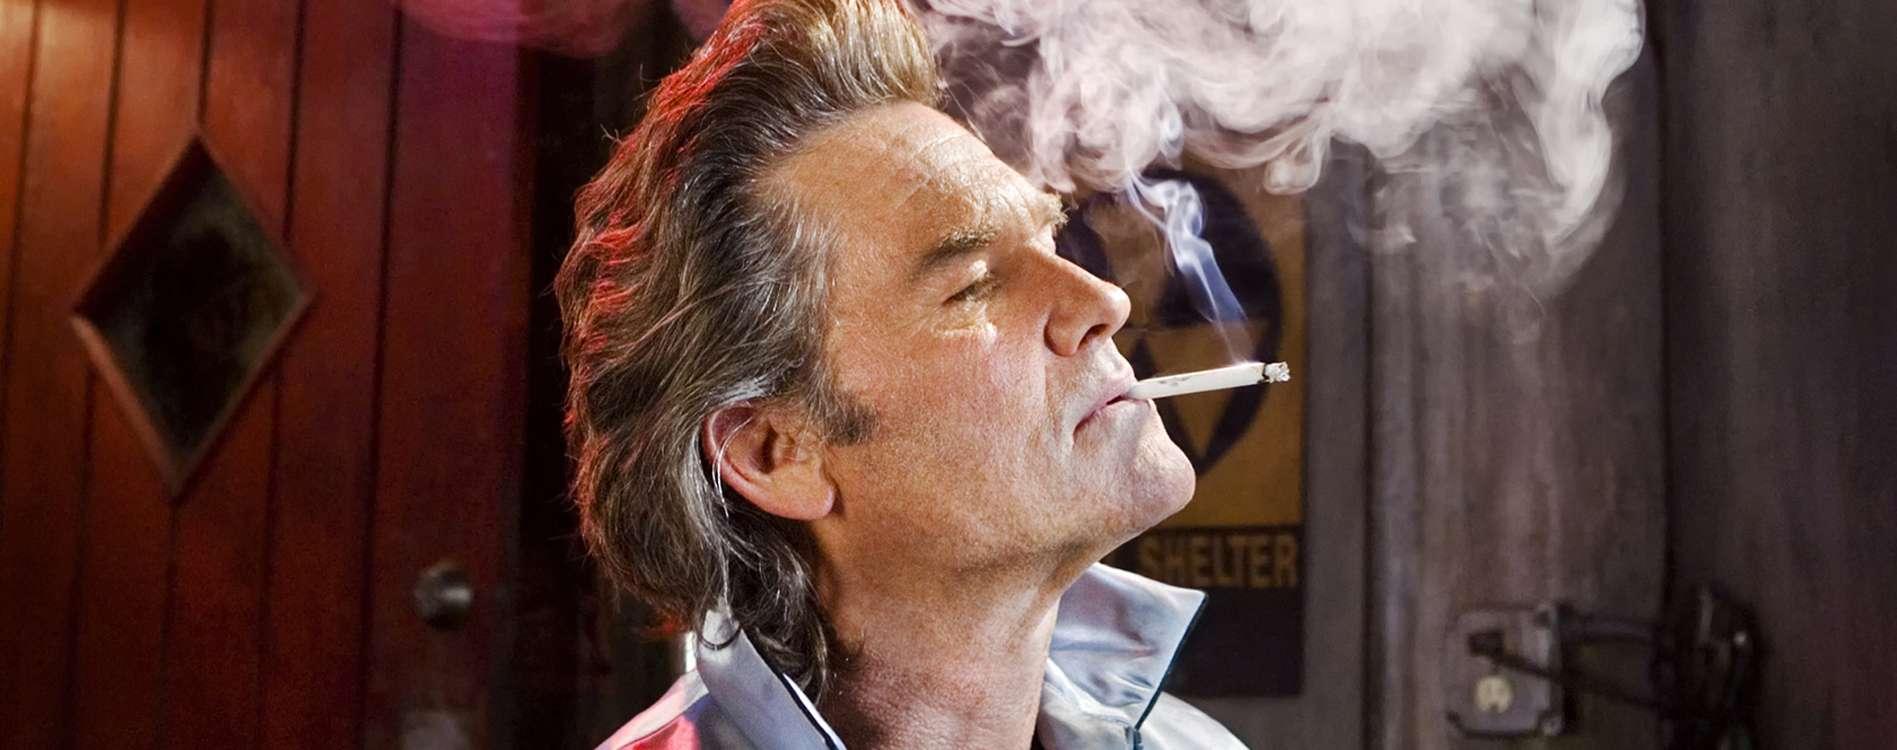 Tarantino Foto: Dimension Films